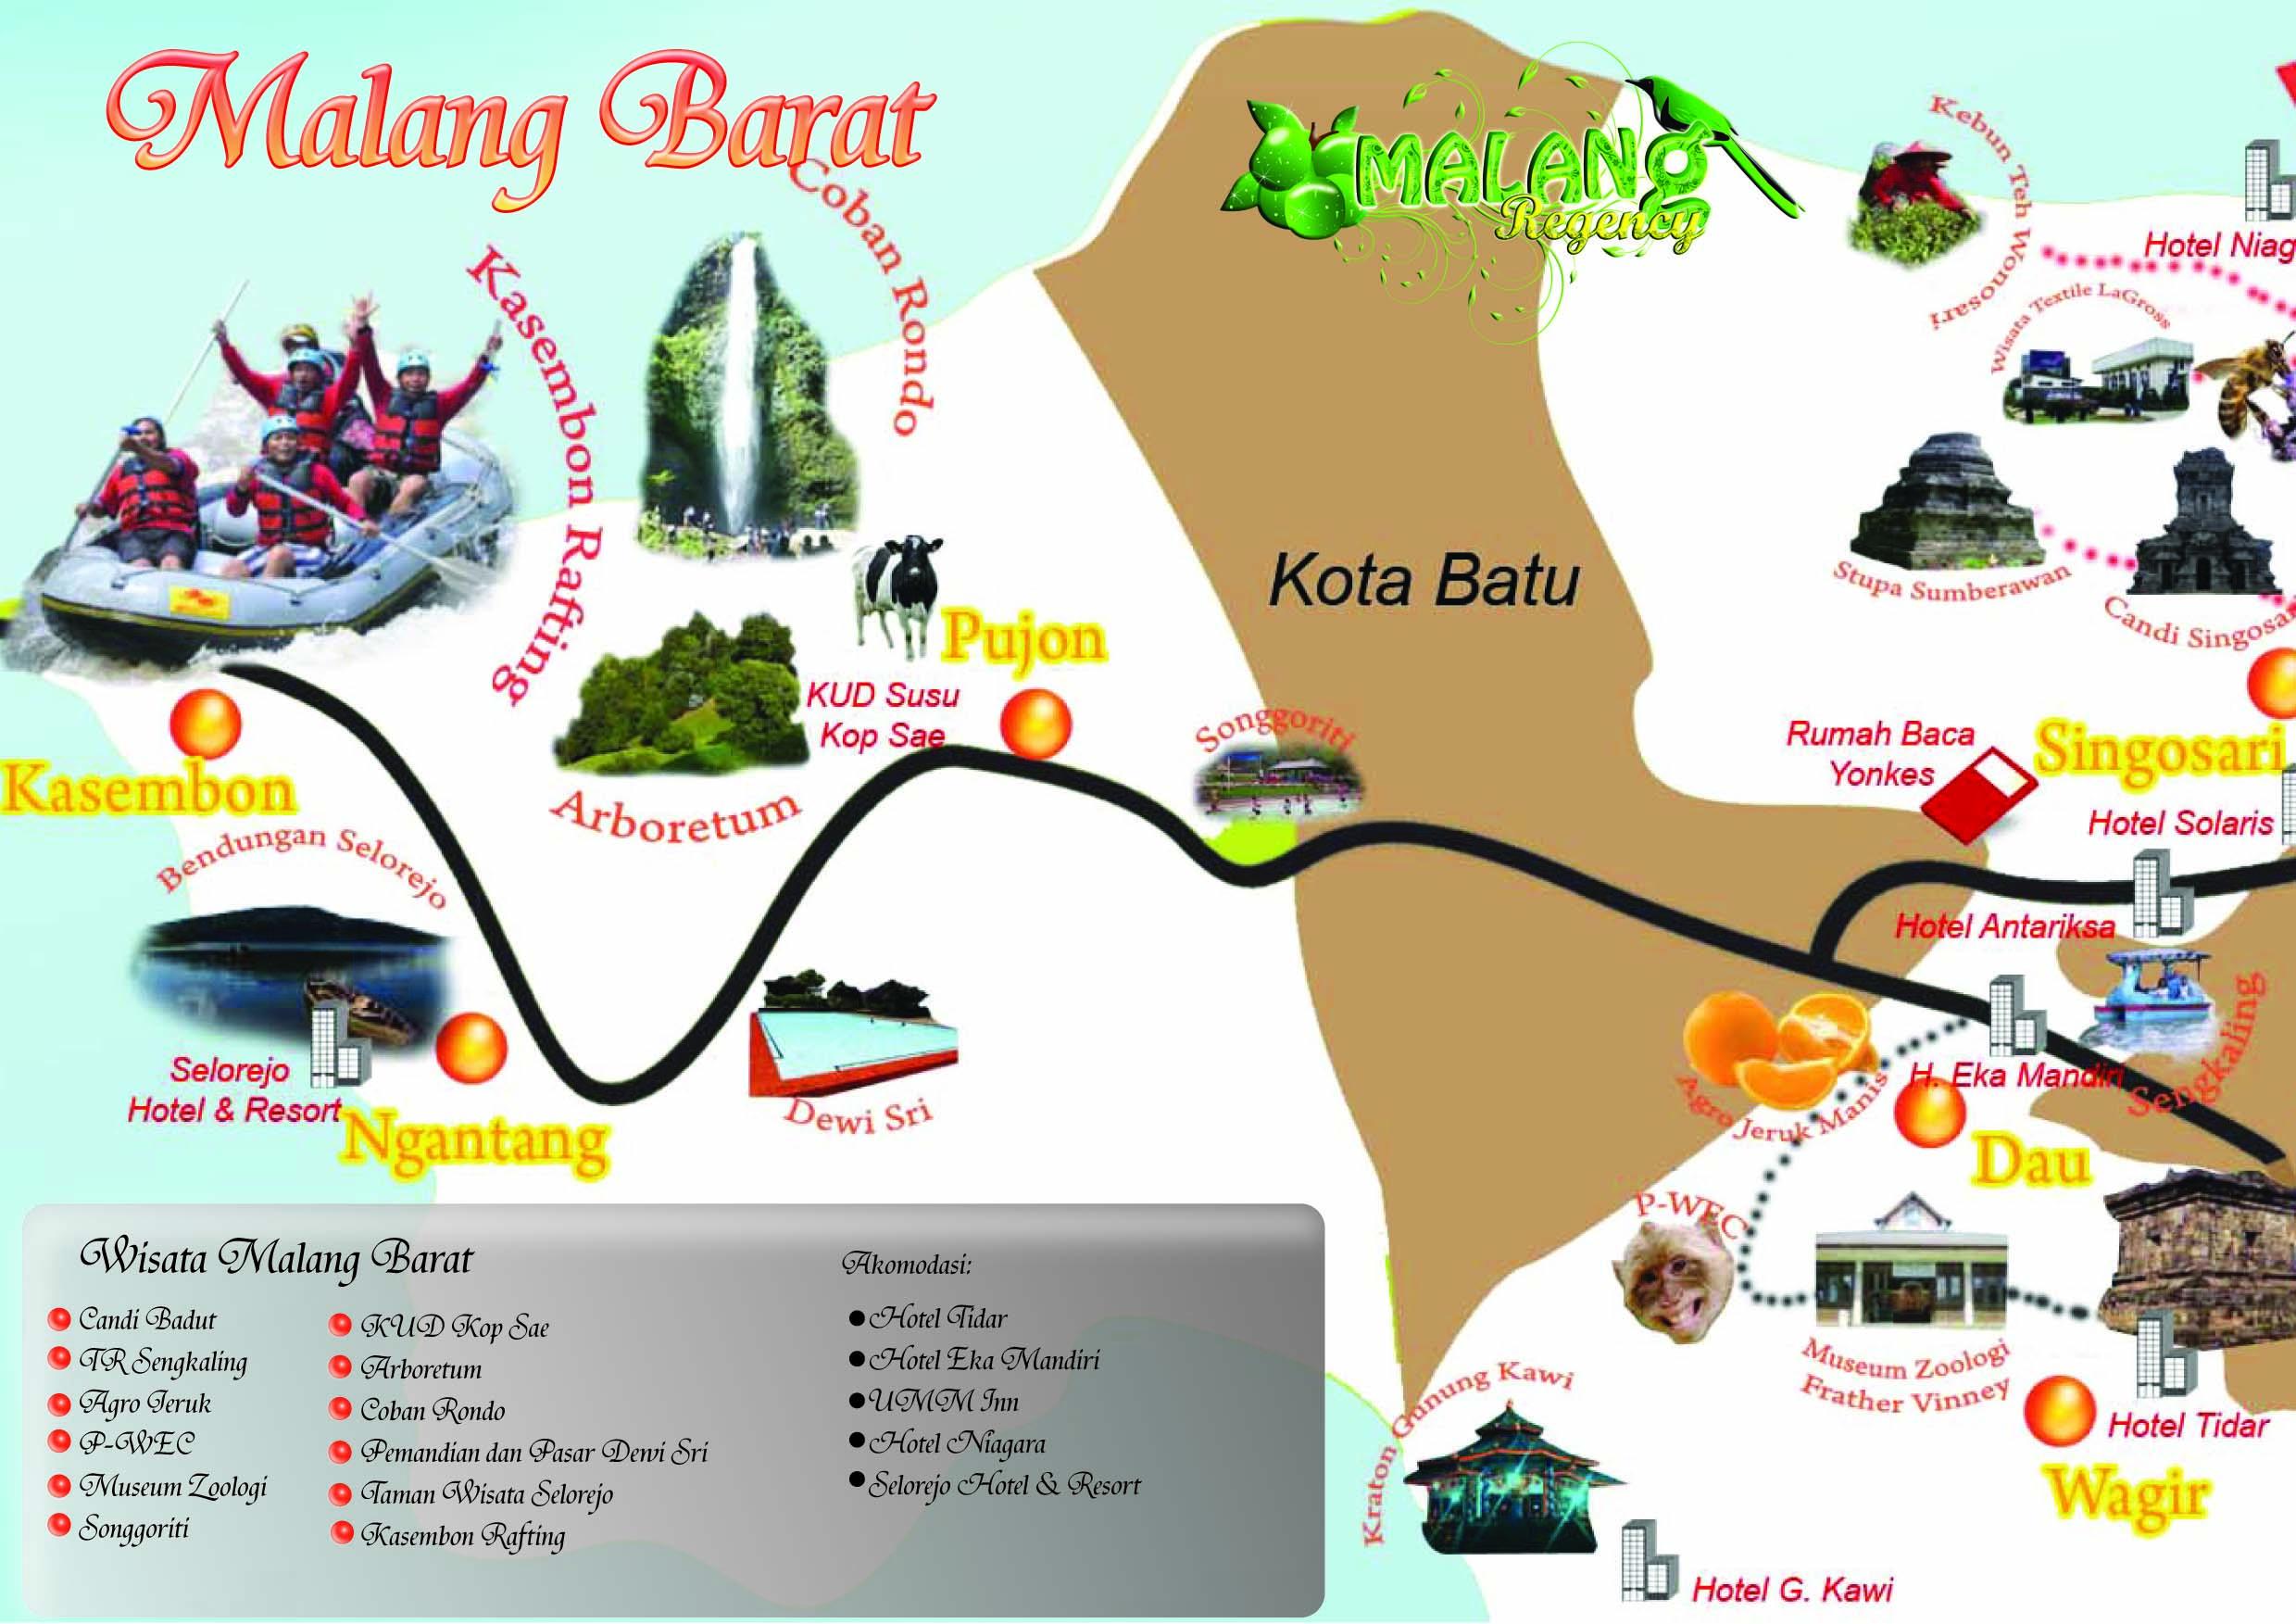 Peta Wisata by Dinas Kebudayaan dan Pariwisata kabupaten Malang